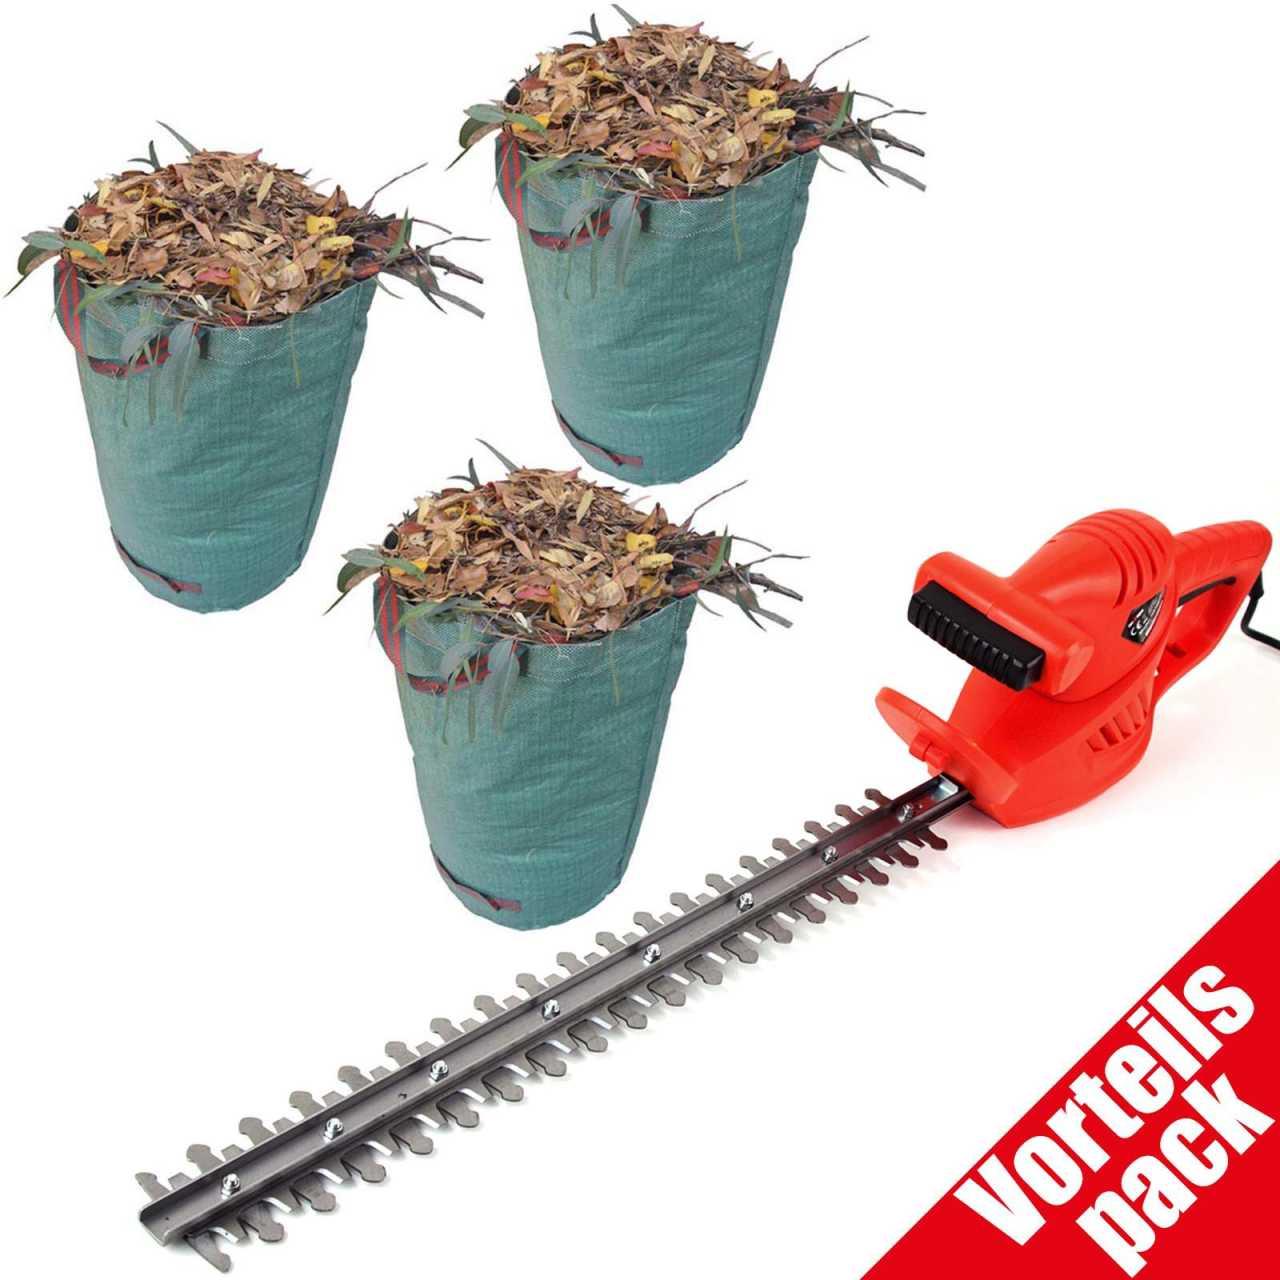 Vorteilspack Grafner® elektrische Heckenschere + 3 Grafner® Gartenabfallsack 272 Ltr.